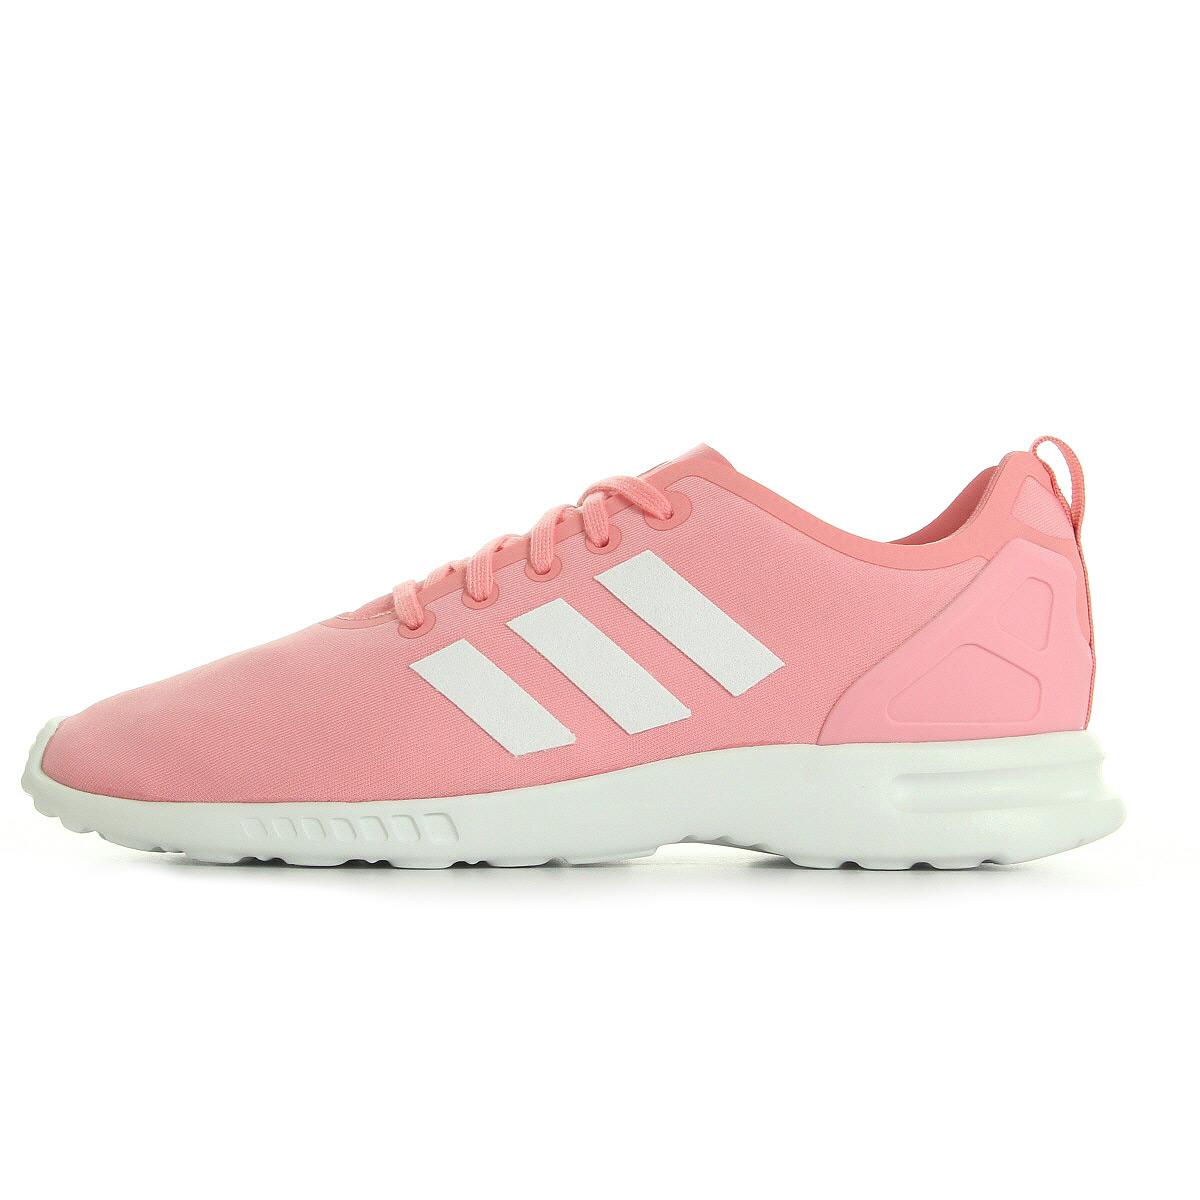 adidas zx flux femme rose pale